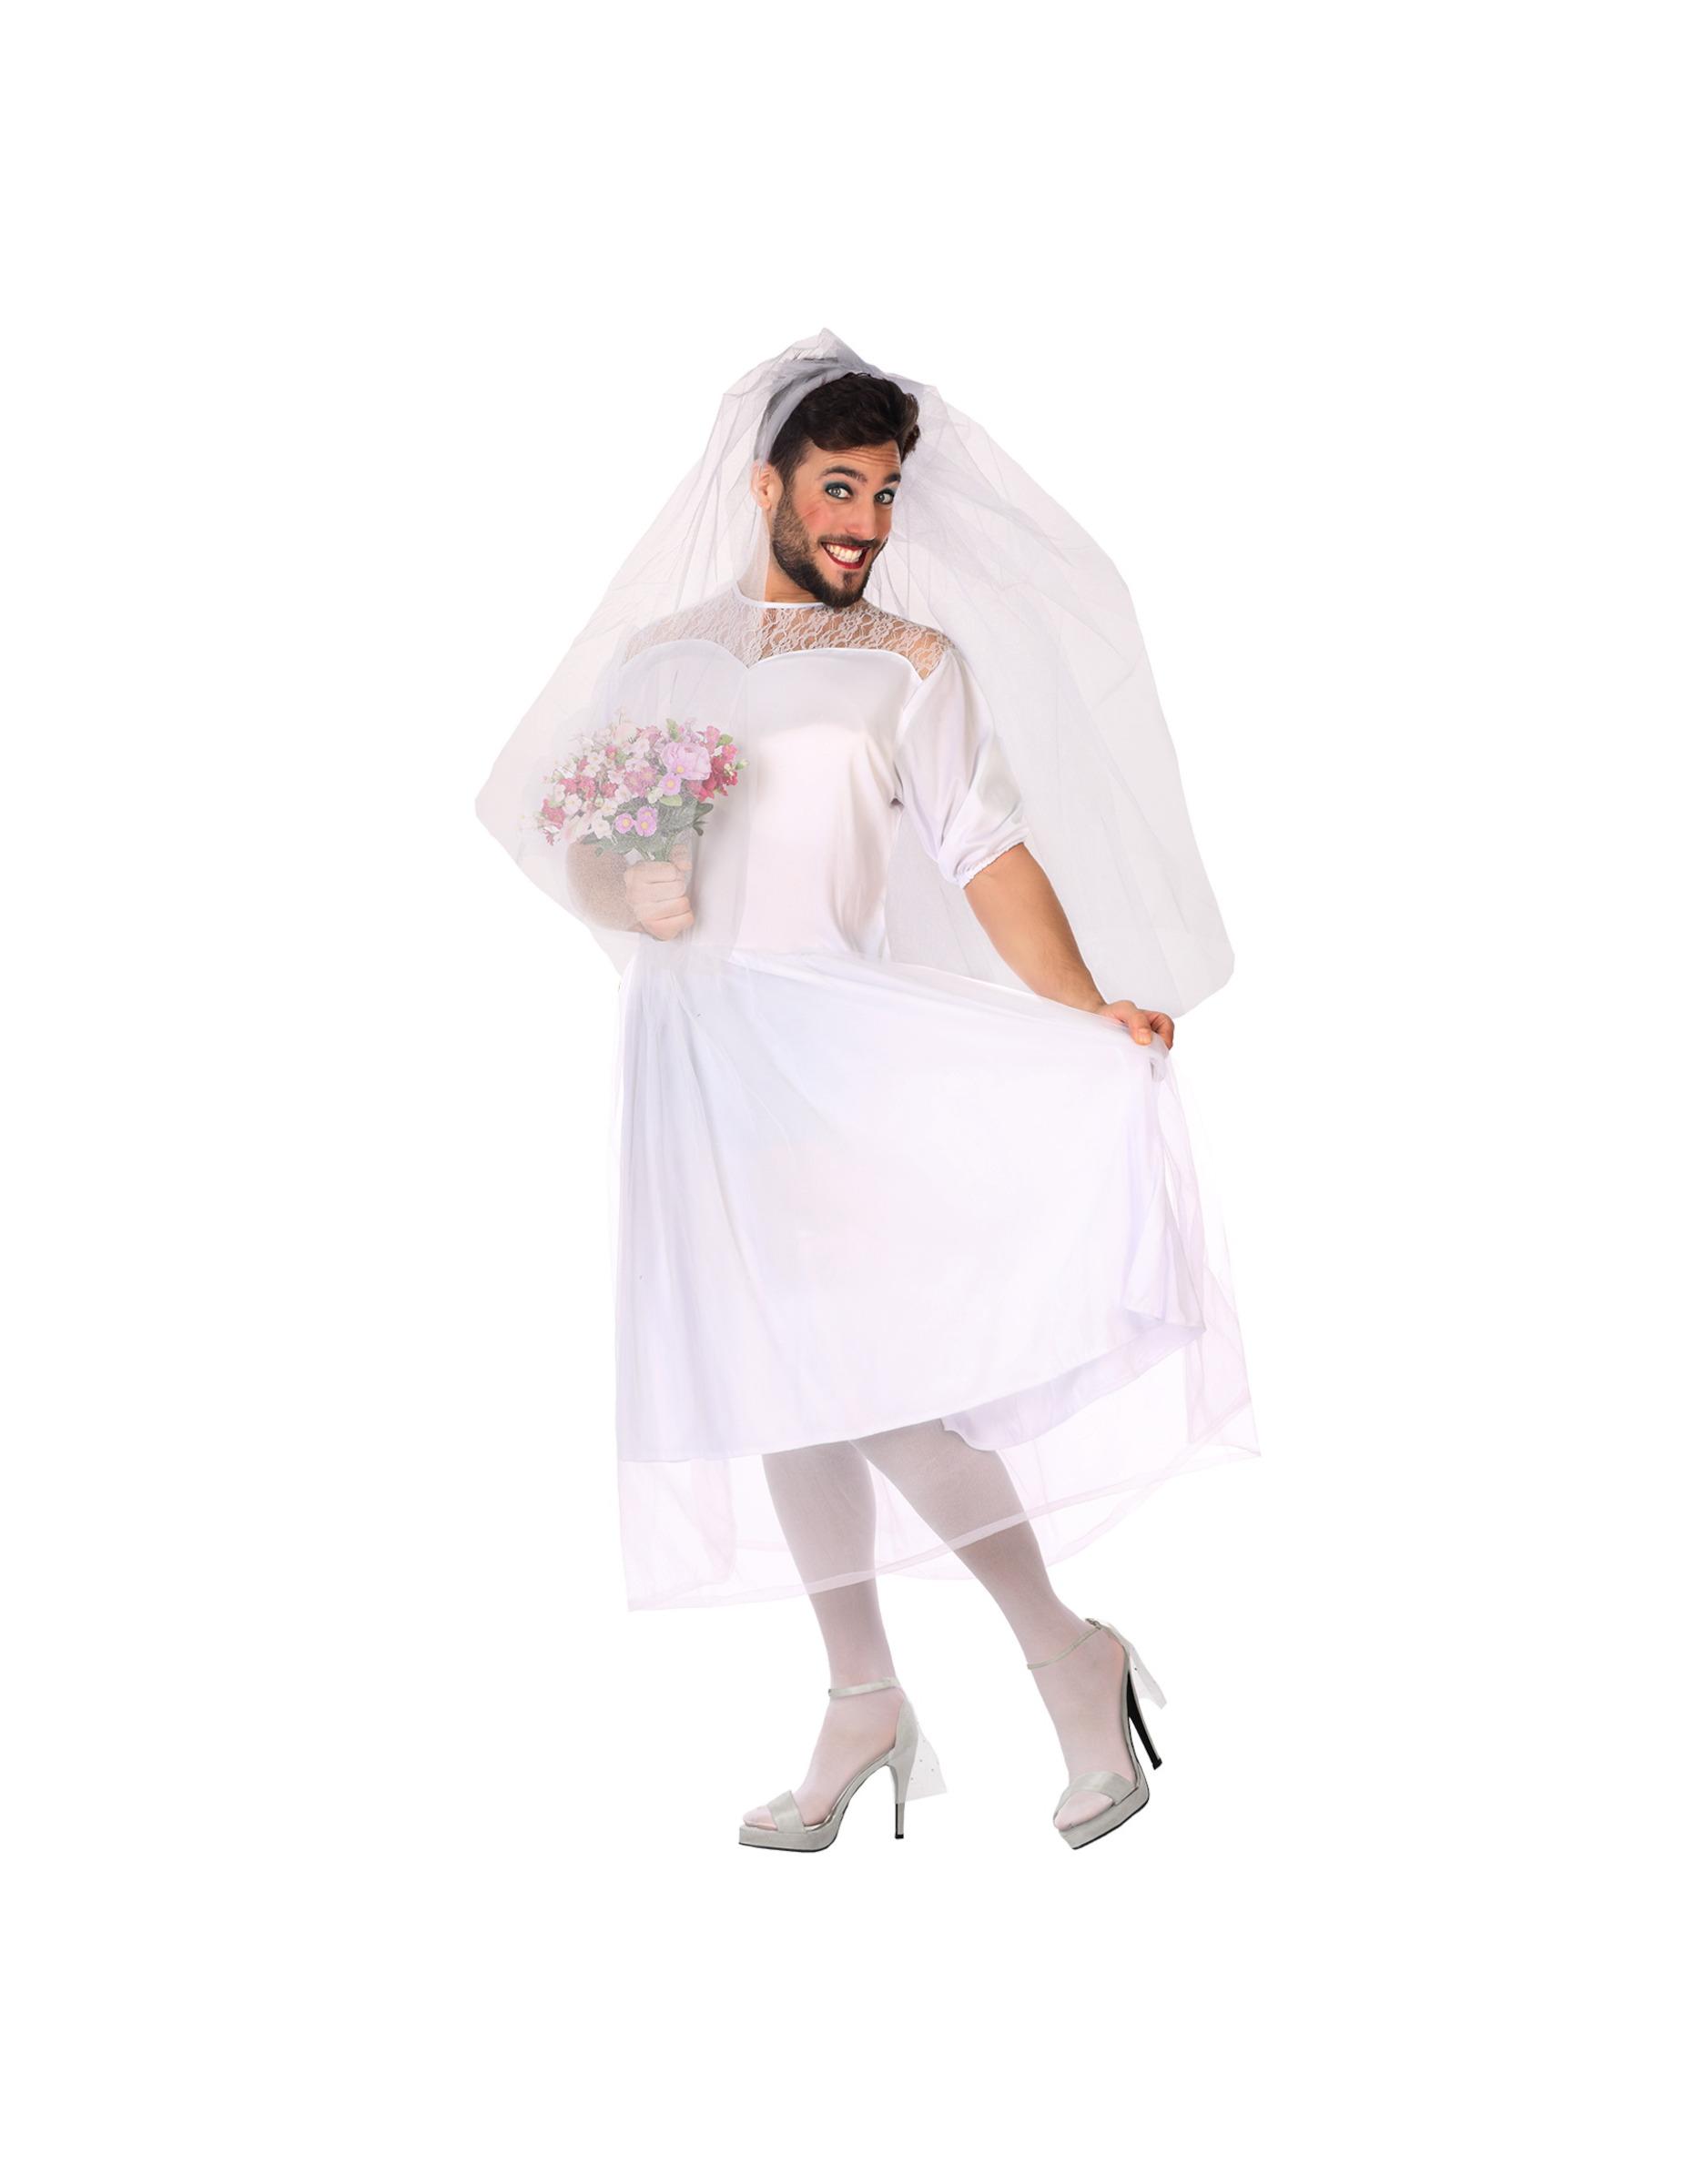 Brautkleid Männerballett-Kostüm Braut weiss